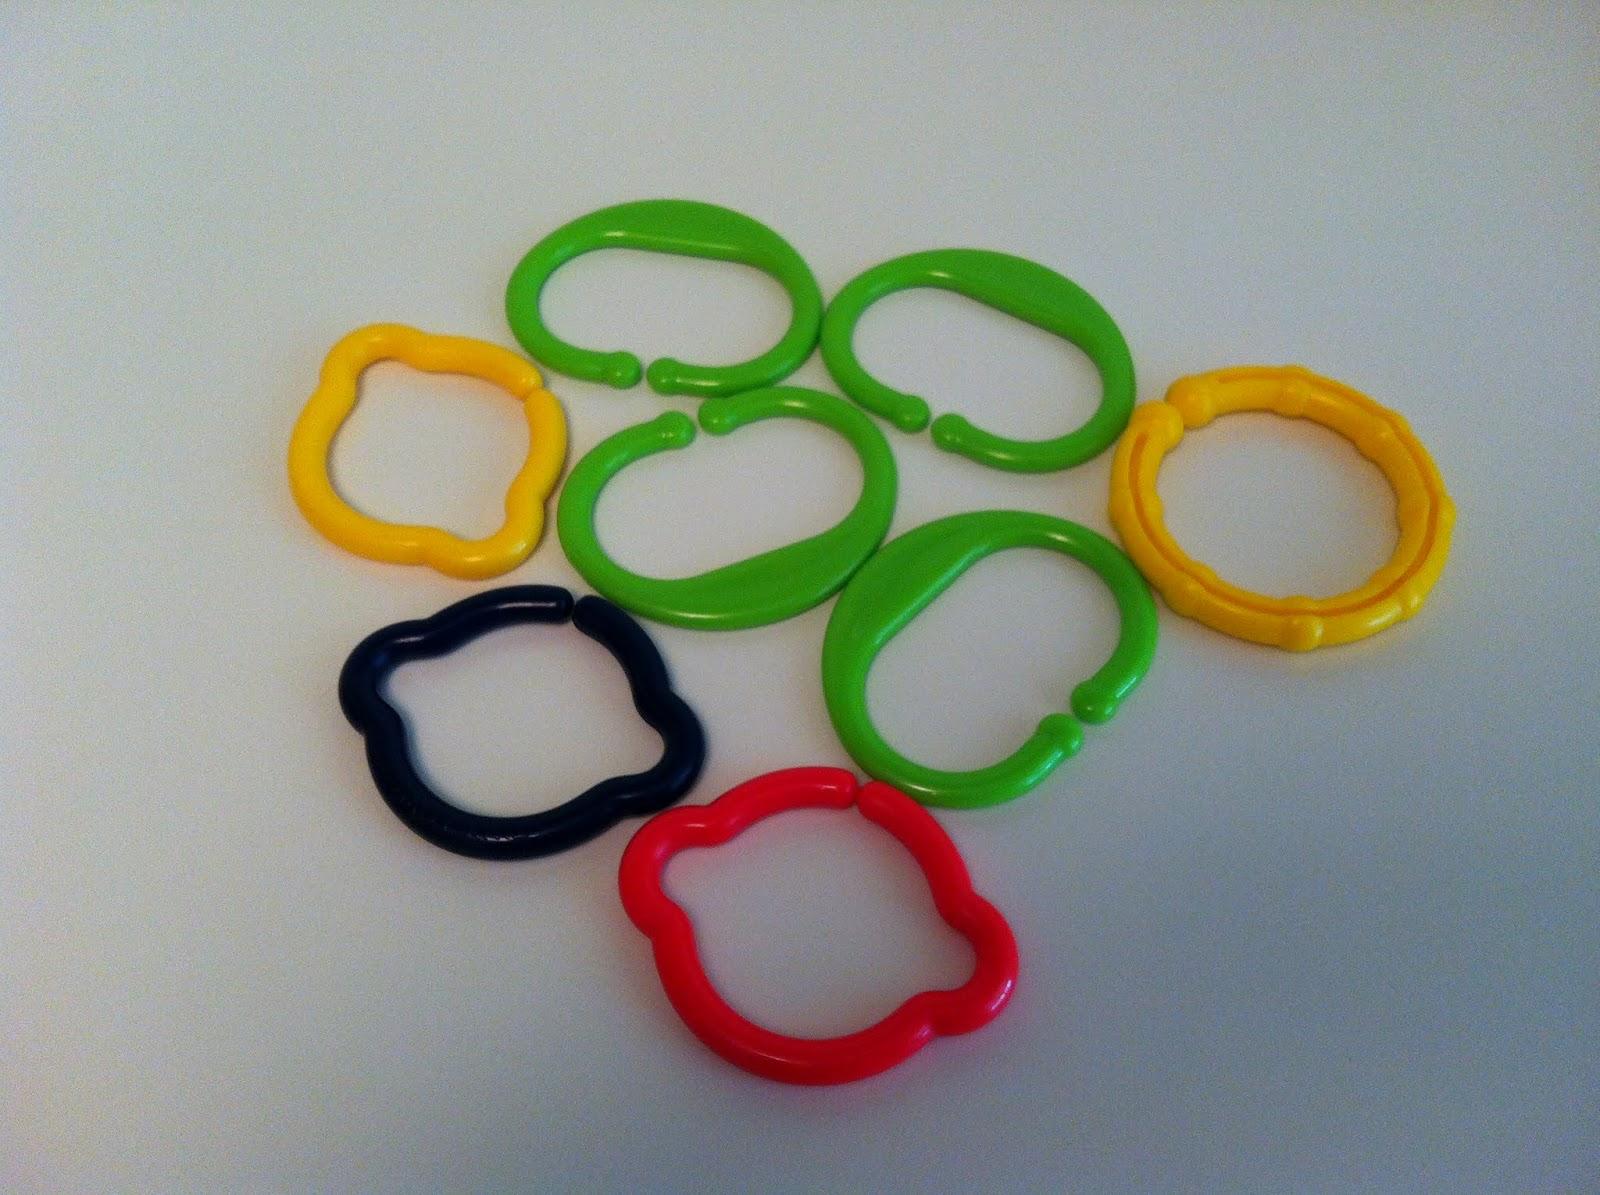 si no tenis de estas piezas podis usar las anillas de las cortinas de bao que en ferreteras los venden por unidades en las tiendas de todo a cien en